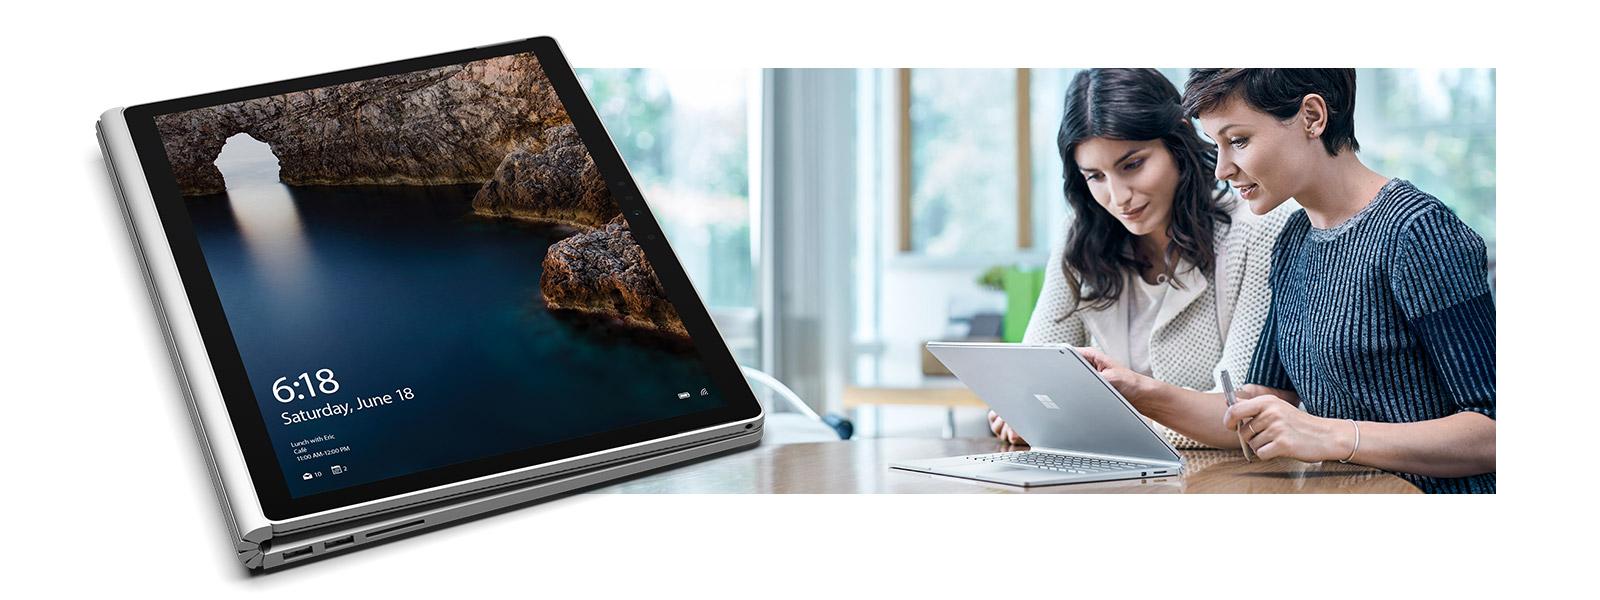 Surface Book en mode dessin à côté d'une image de deux femmes travaillant avec un Surface Book sur un bureau